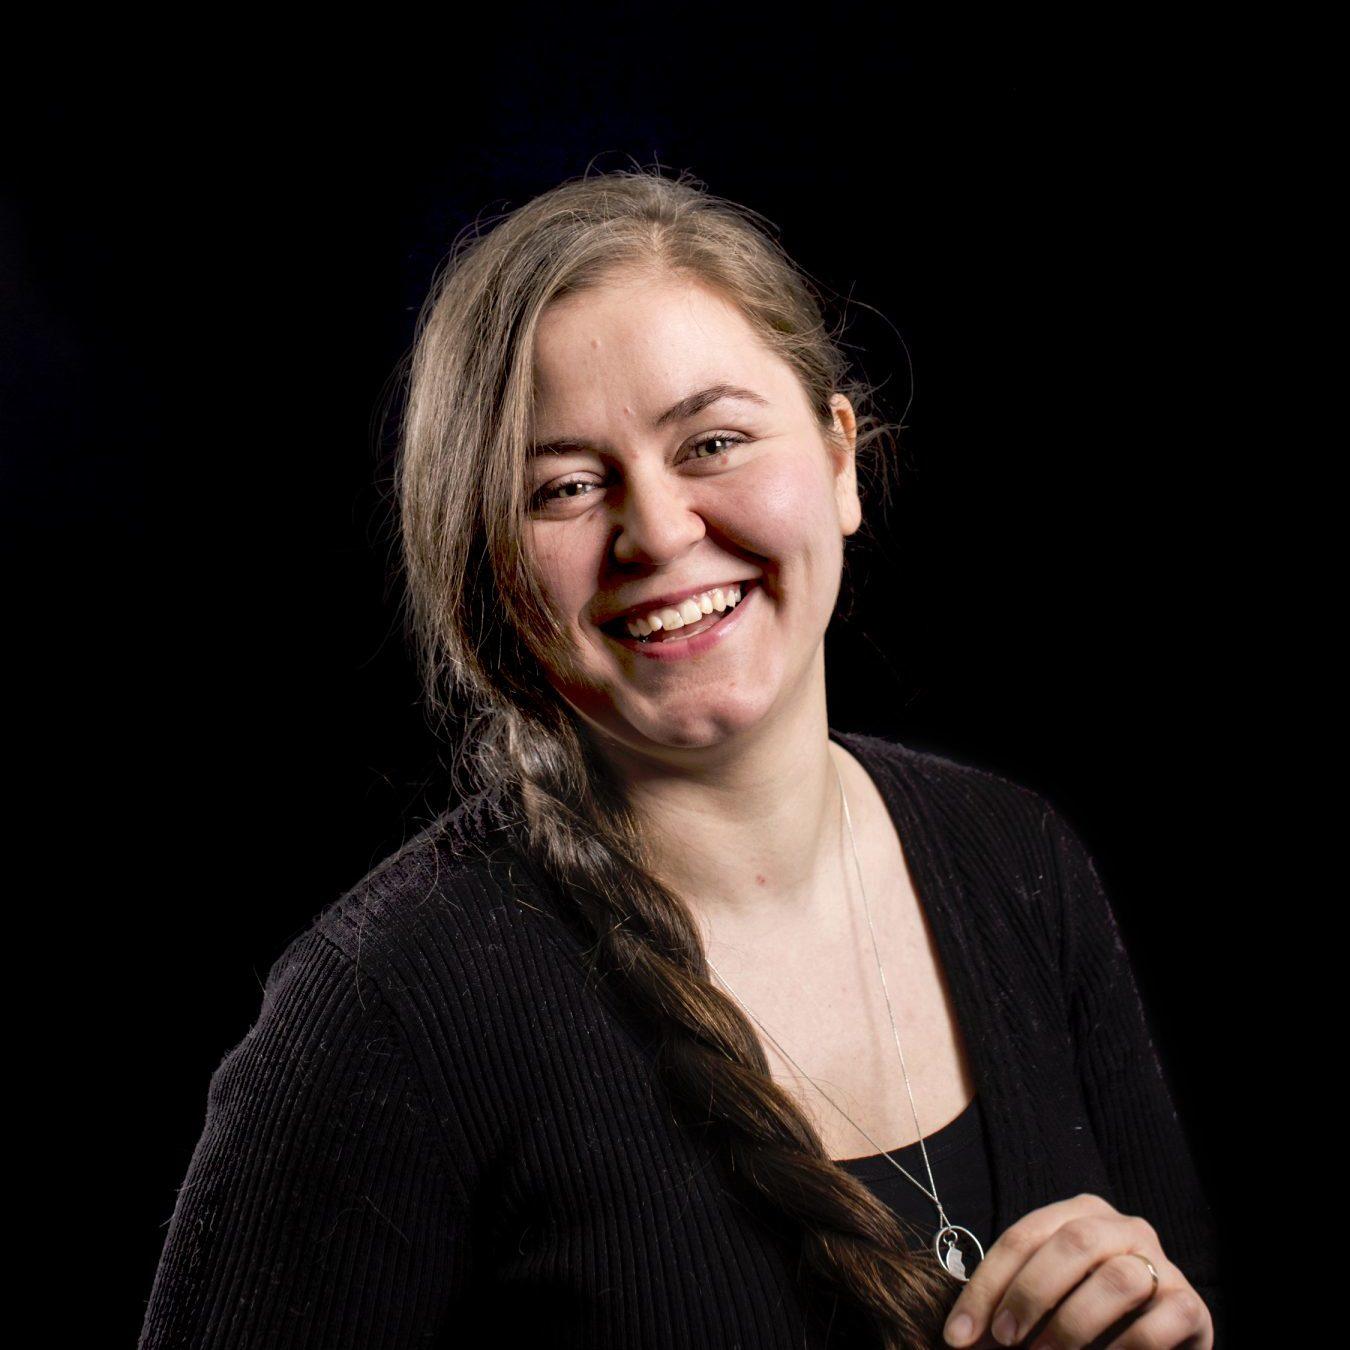 Mikaela Kindstedt - Exove